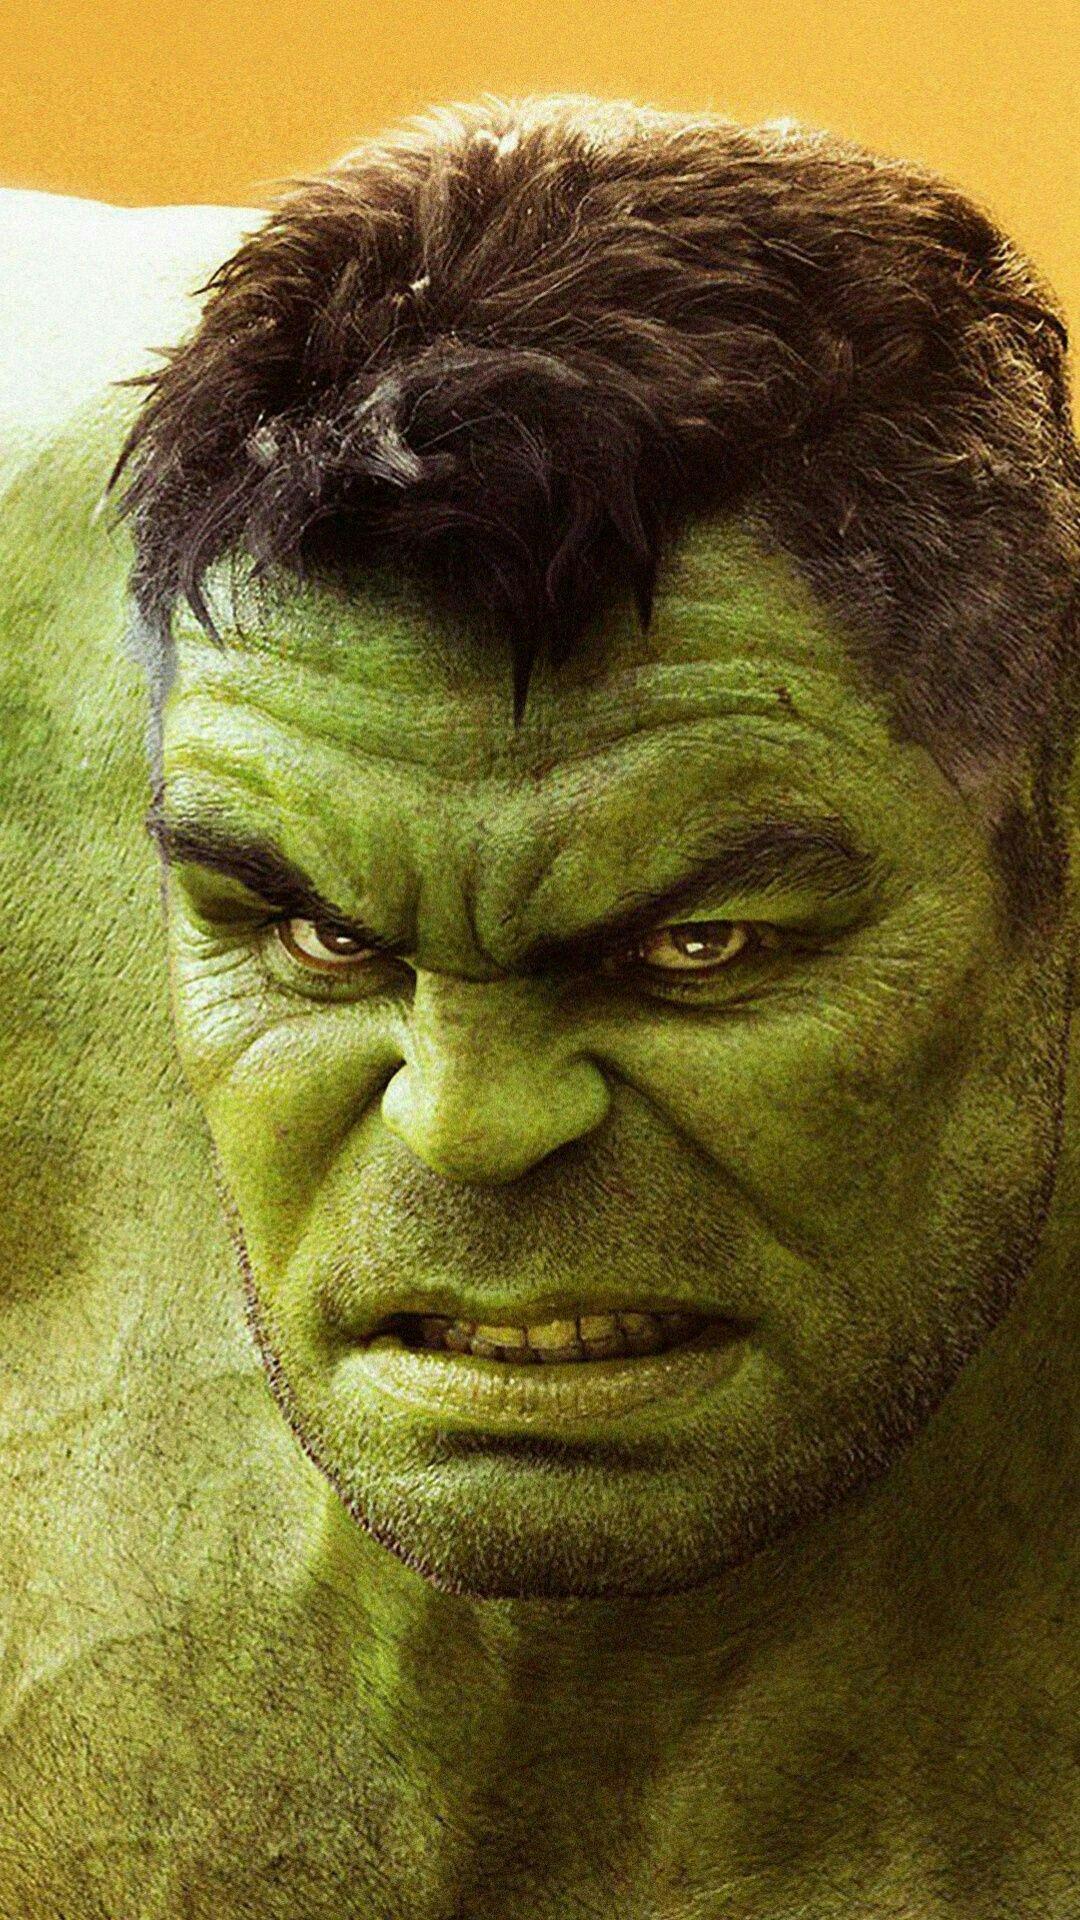 Pin By Marvellouslines On Marvel Wallpapers Hulk Avengers Hulk Marvel Hulk Art